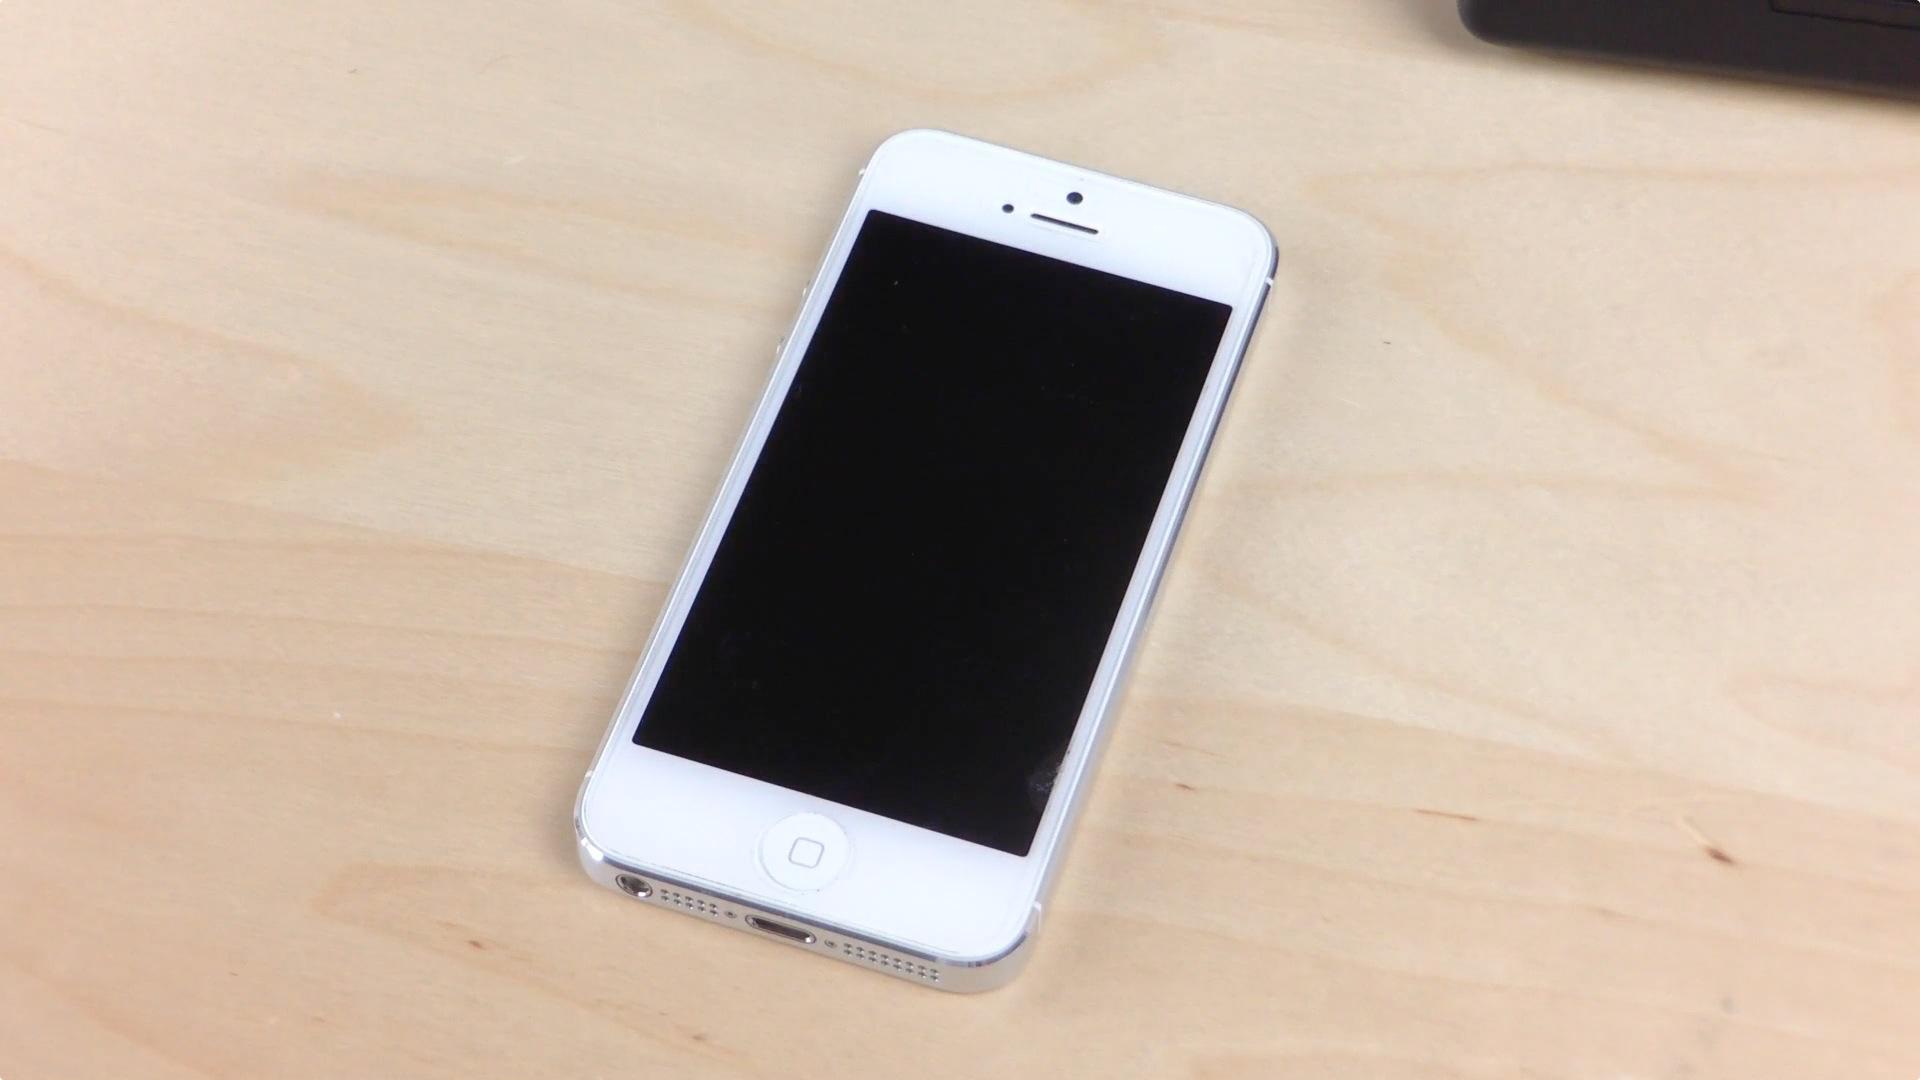 Il mio cellulare si spegne durante la visione di video Cosa devo fare? 1